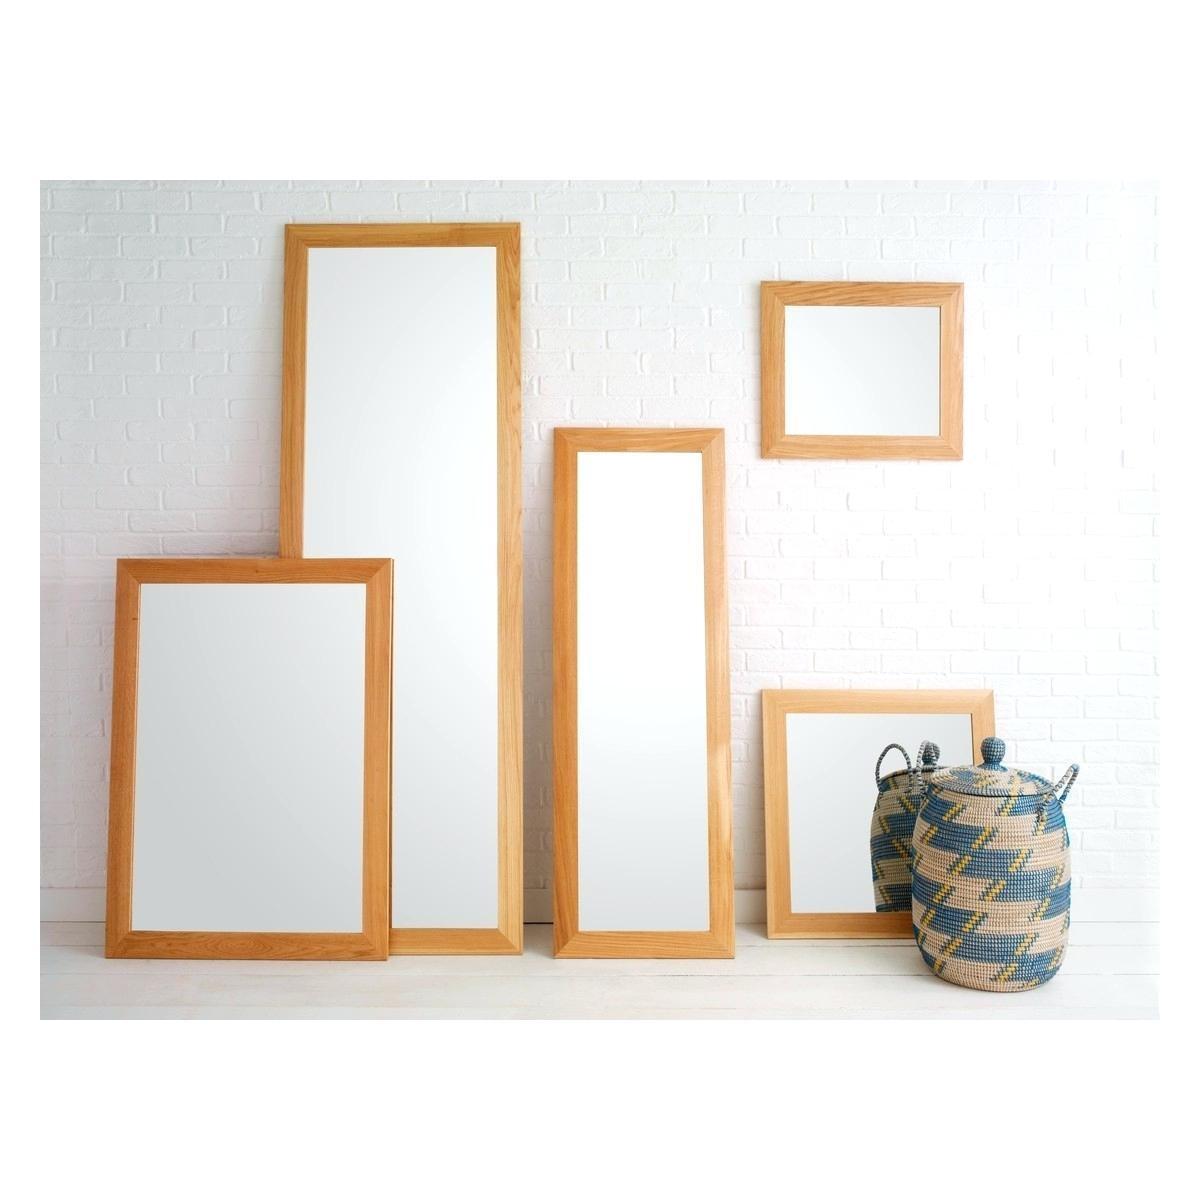 Wooden Full Length Mirroroak Framed Wall Mirror Oak – Shopwiz With Regard To Oak Framed Wall Mirror (Image 20 of 20)